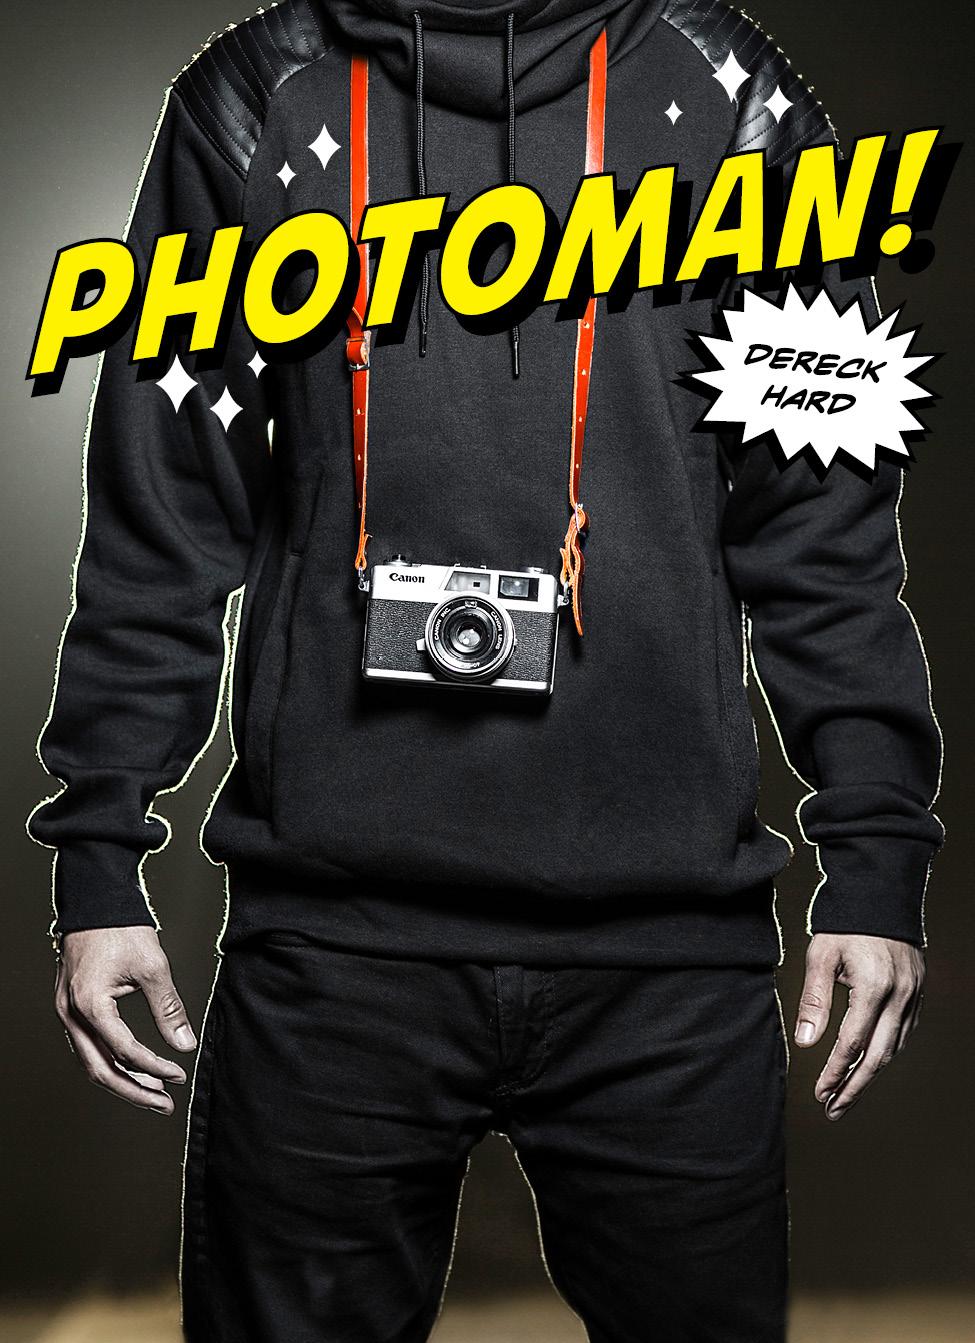 photomaaan